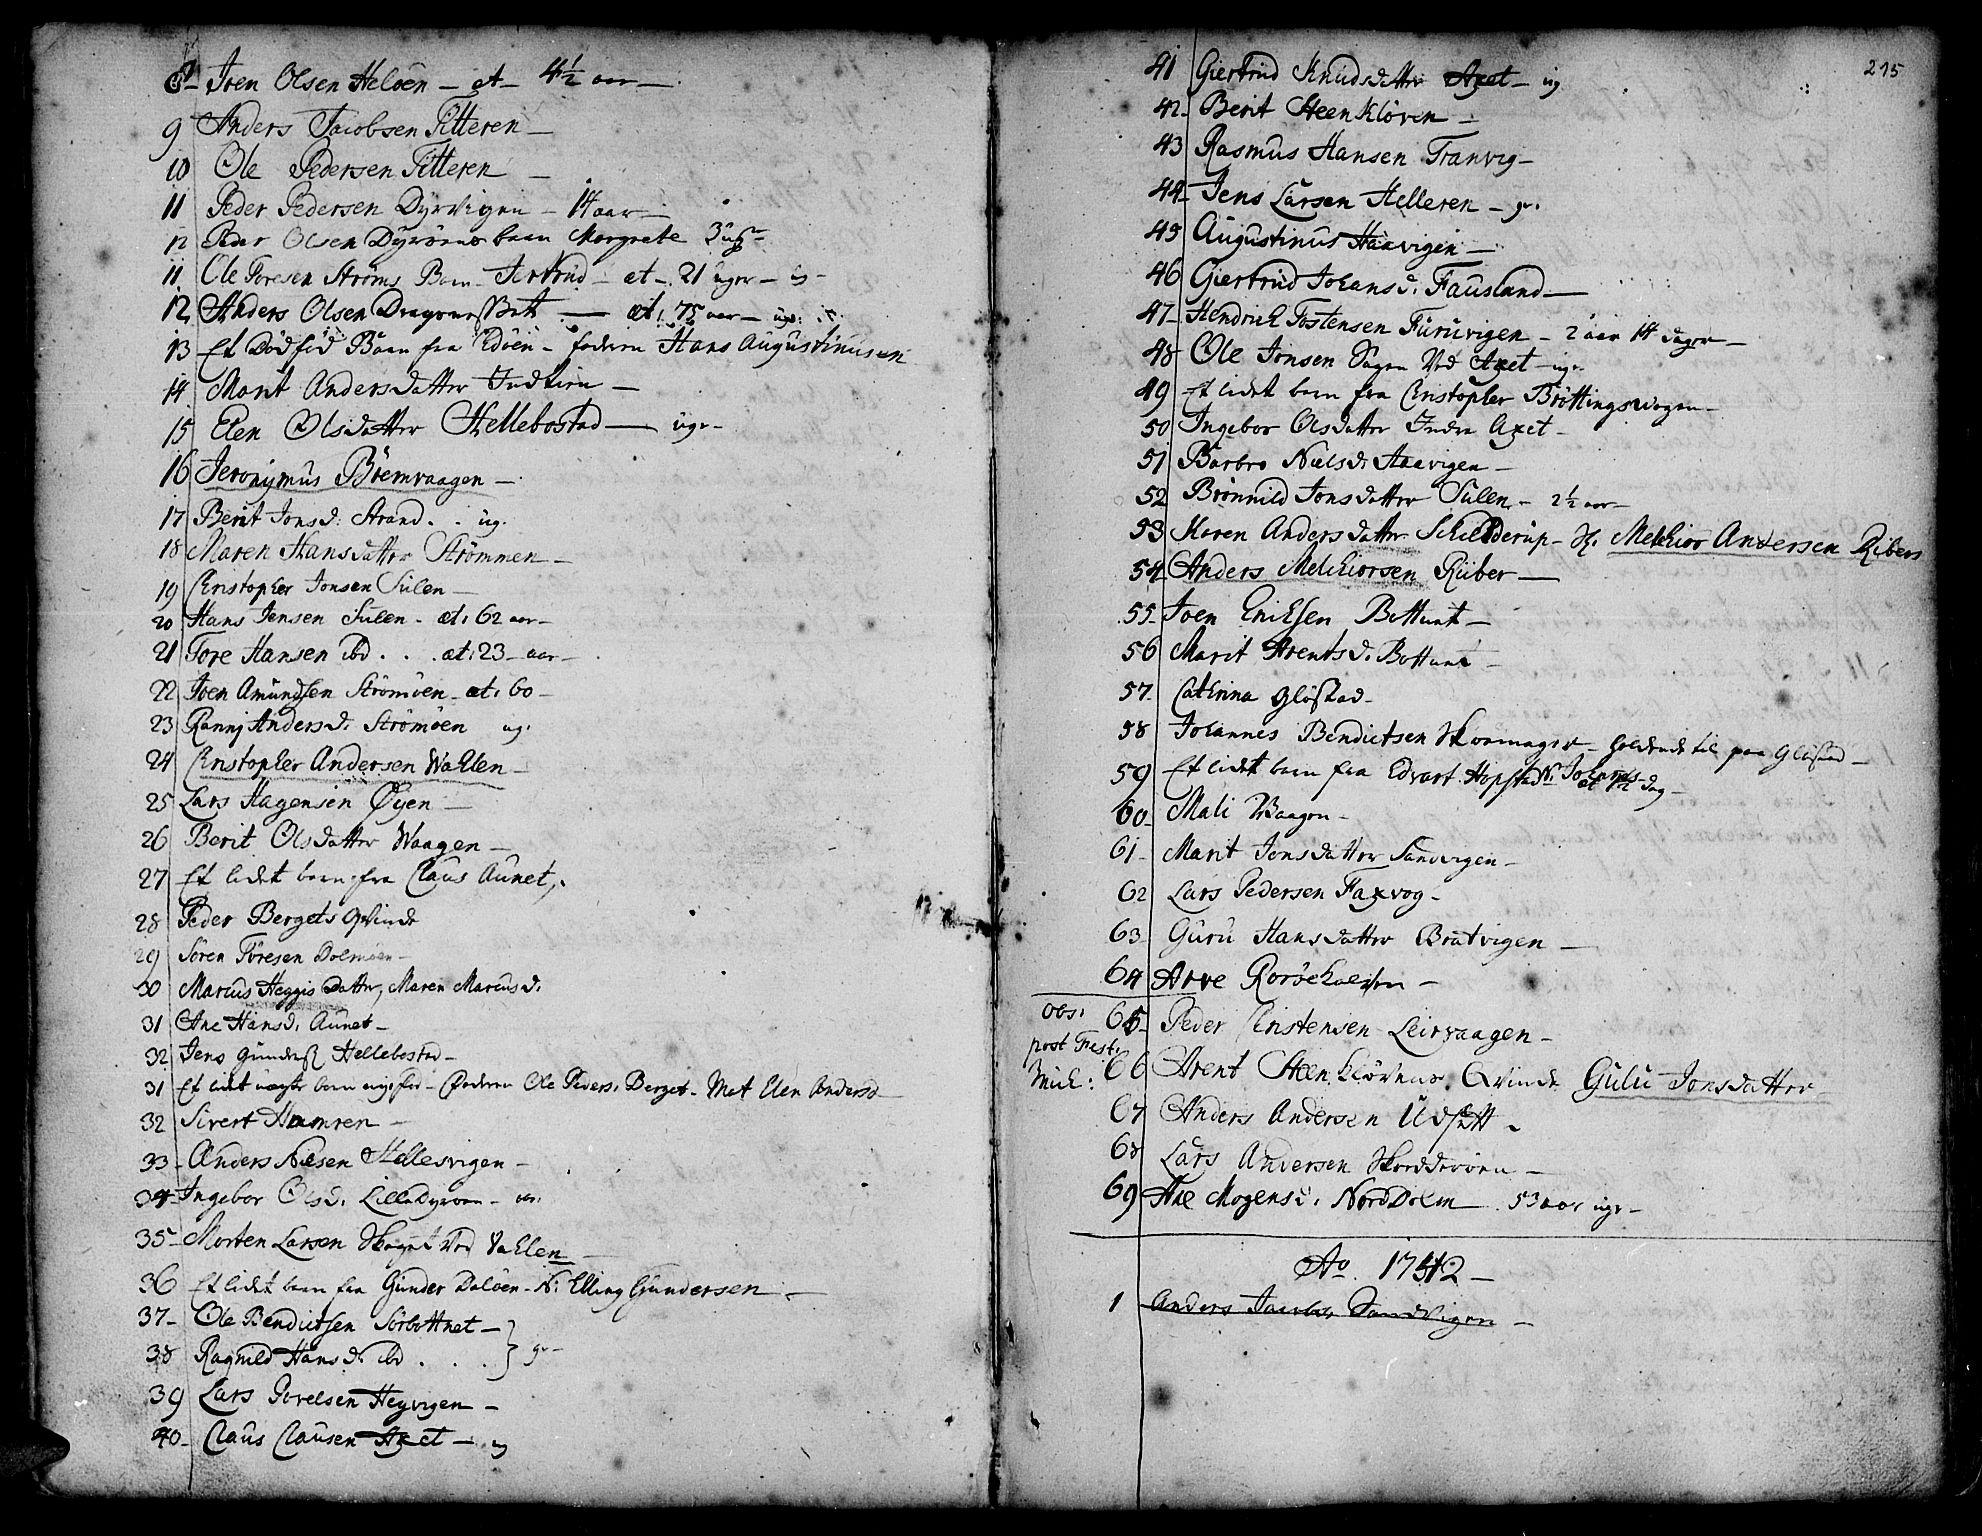 SAT, Ministerialprotokoller, klokkerbøker og fødselsregistre - Sør-Trøndelag, 634/L0525: Ministerialbok nr. 634A01, 1736-1775, s. 215